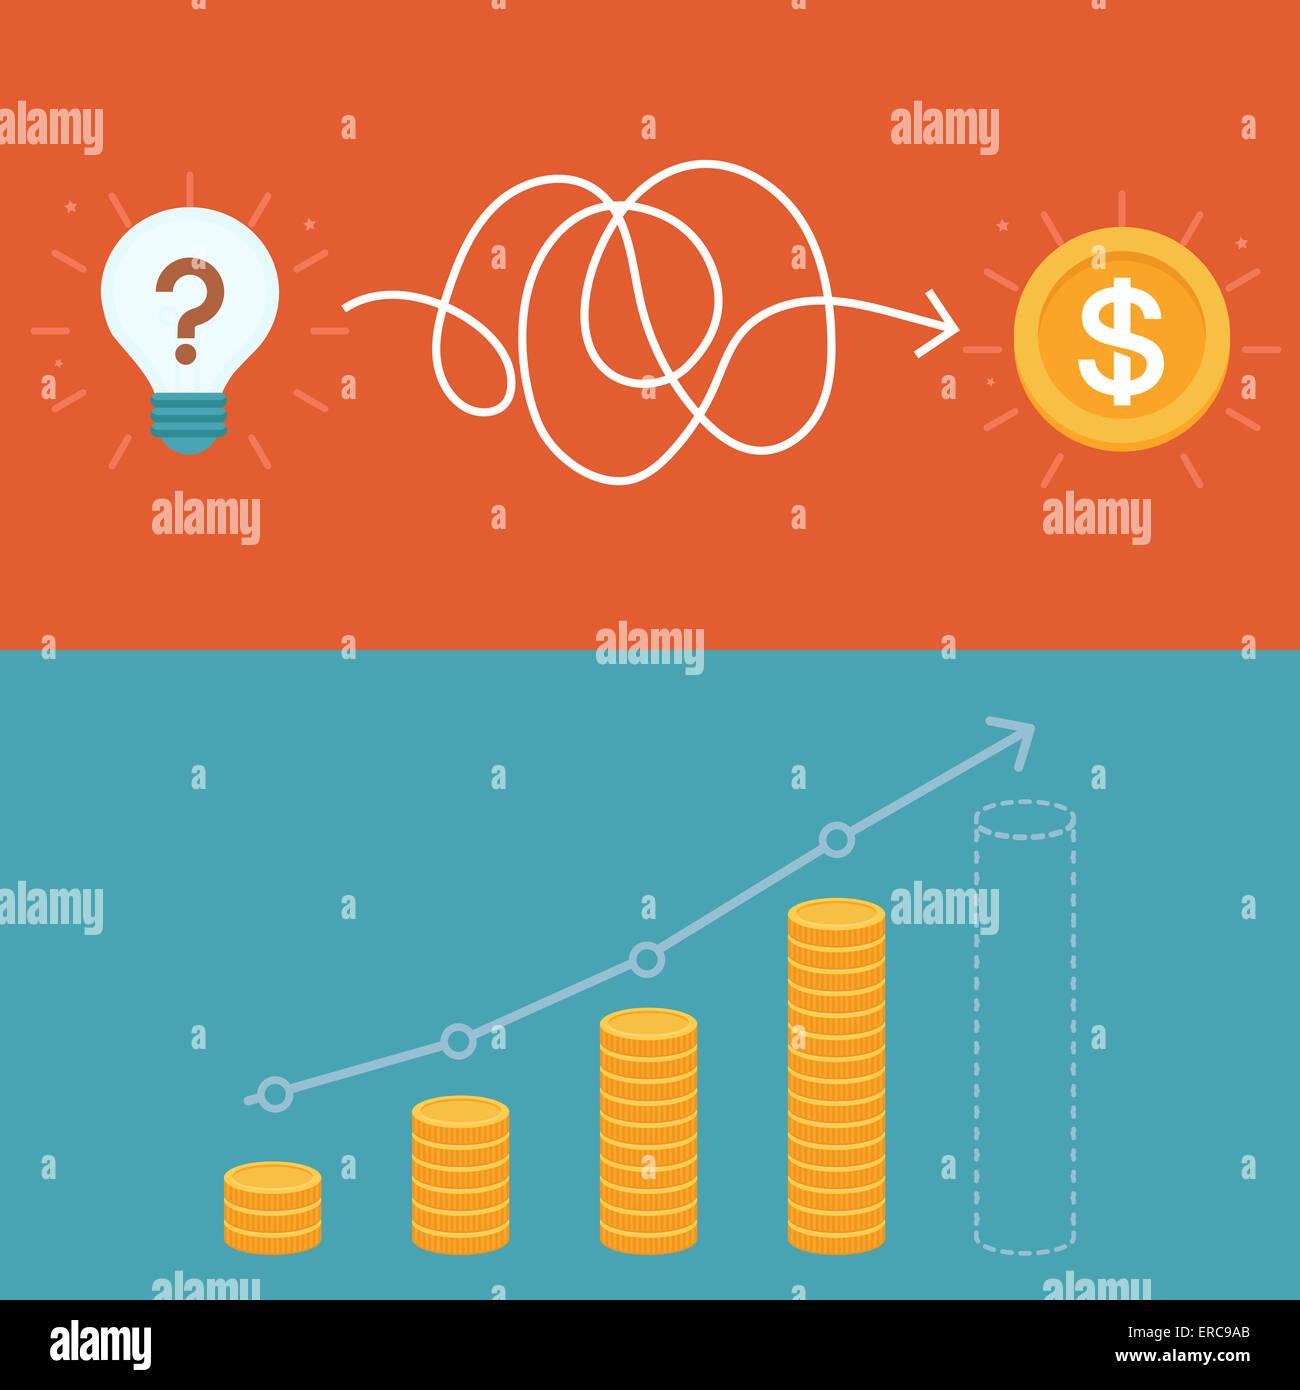 Idee, Business-Plan-Konzept im flachen Stil - Finanzstrategie Stockbild